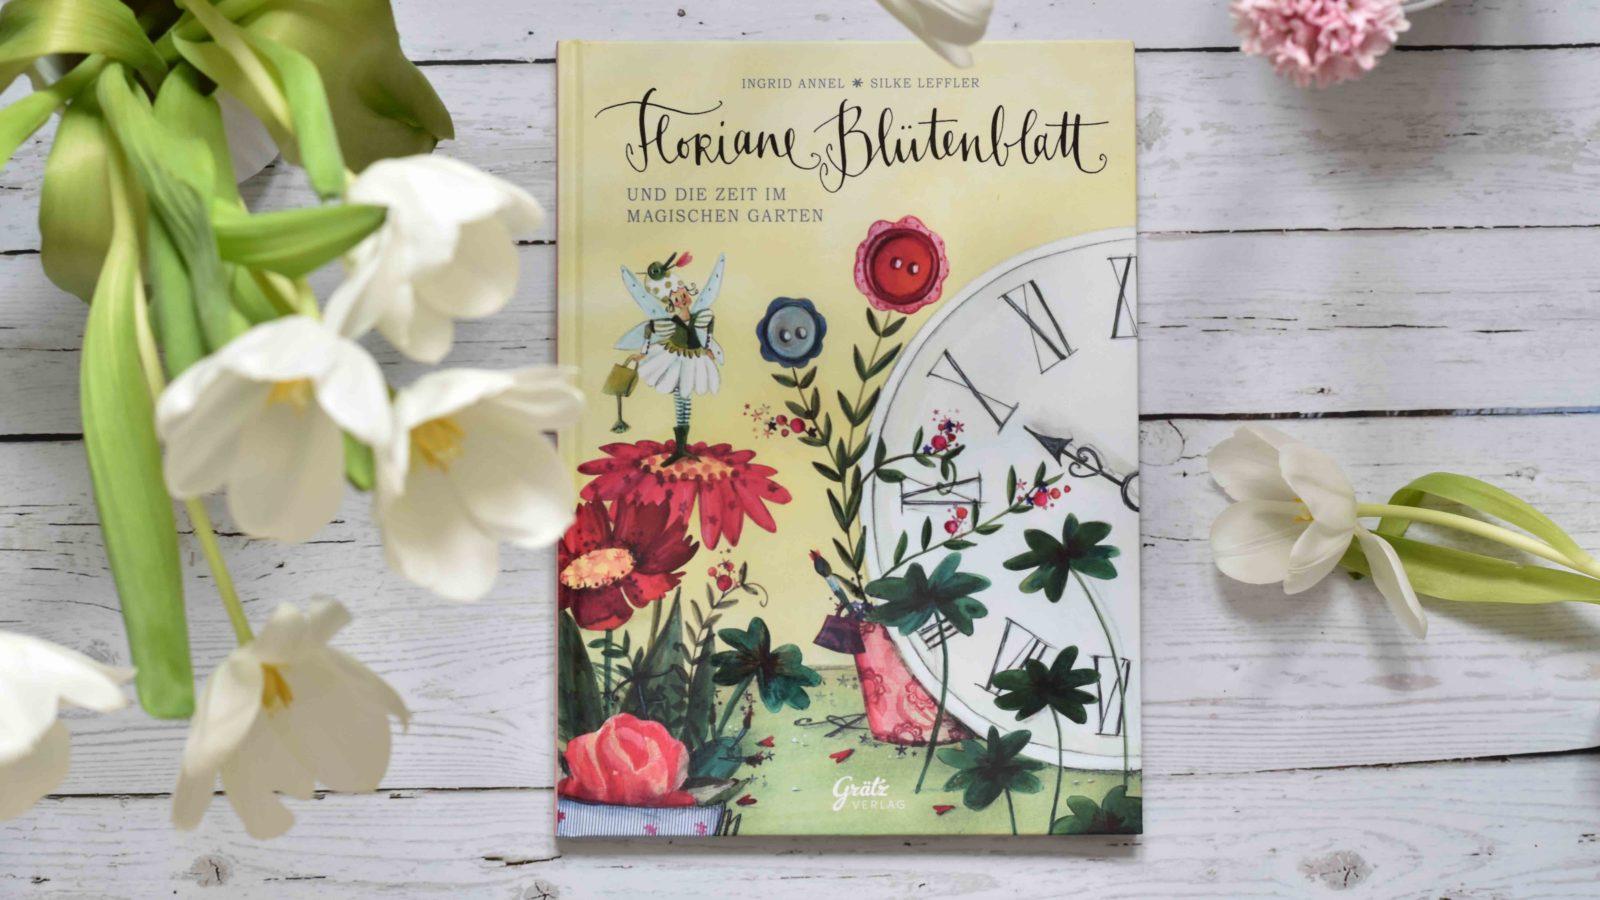 Floriane Blütenblatt – Ein modernes Märchen von Ingrid Annel, illustriert von Silke Leffler